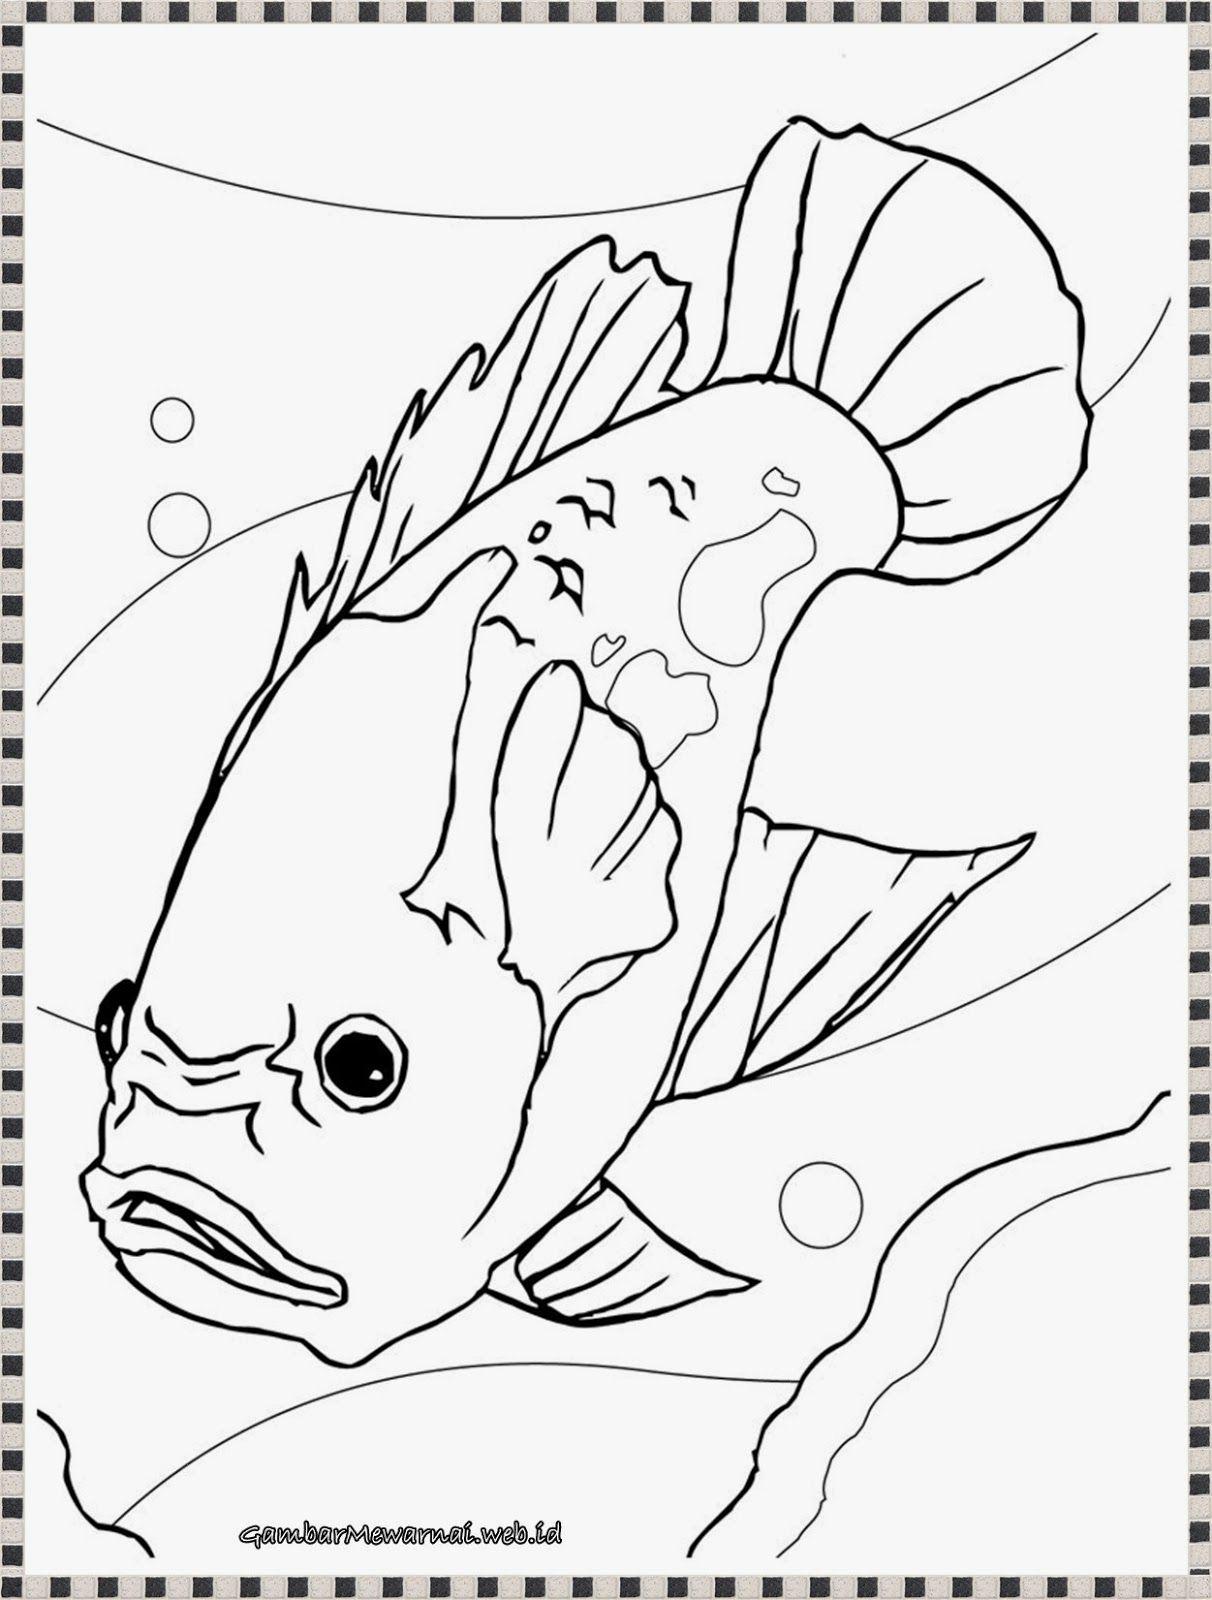 gambar mewarnai ikan oscar di akuarium